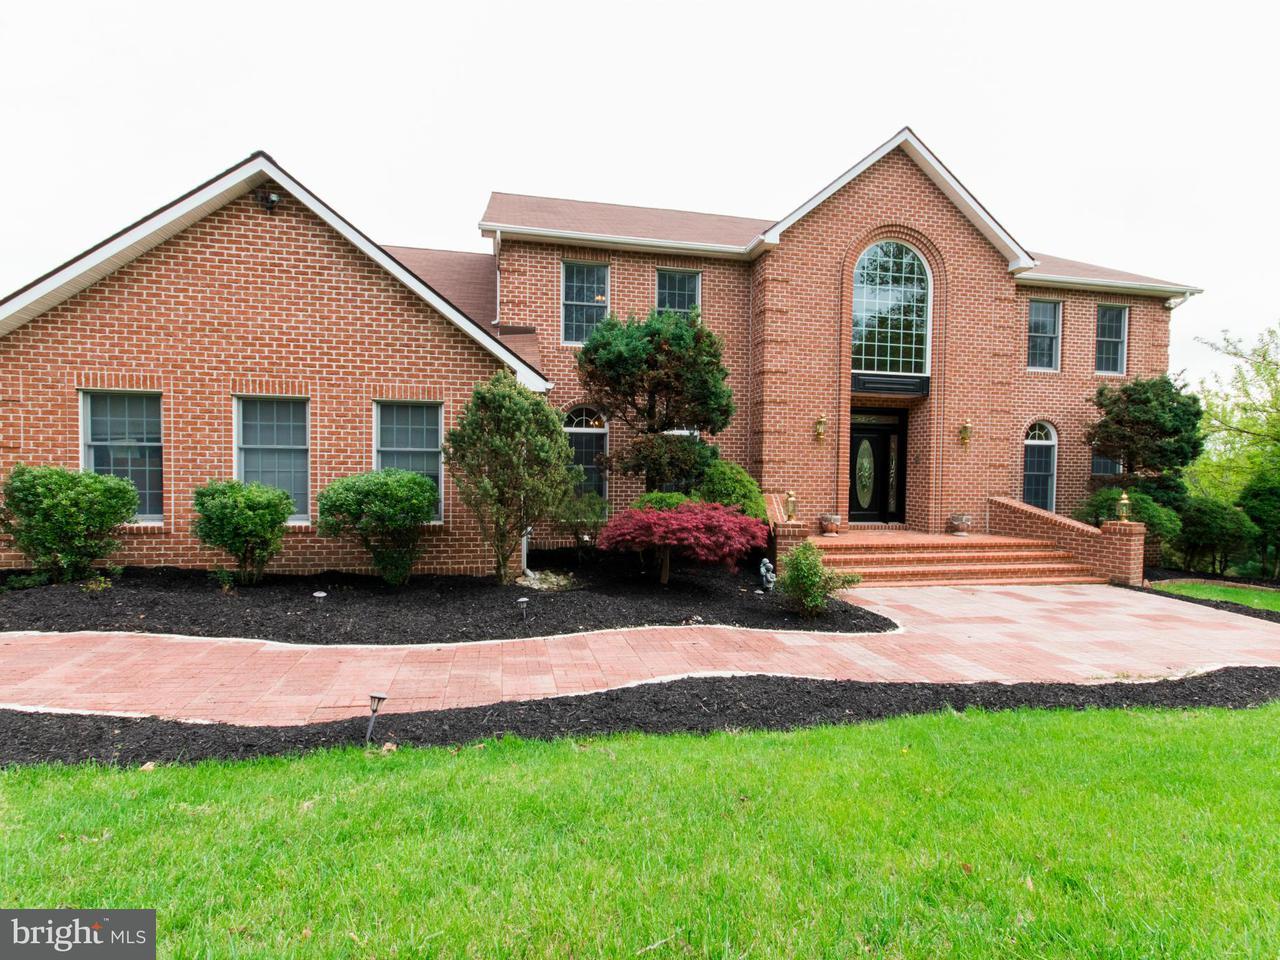 Maison unifamiliale pour l Vente à 19 LONGKNOLL WAY 19 LONGKNOLL WAY Kingsville, Maryland 21087 États-Unis